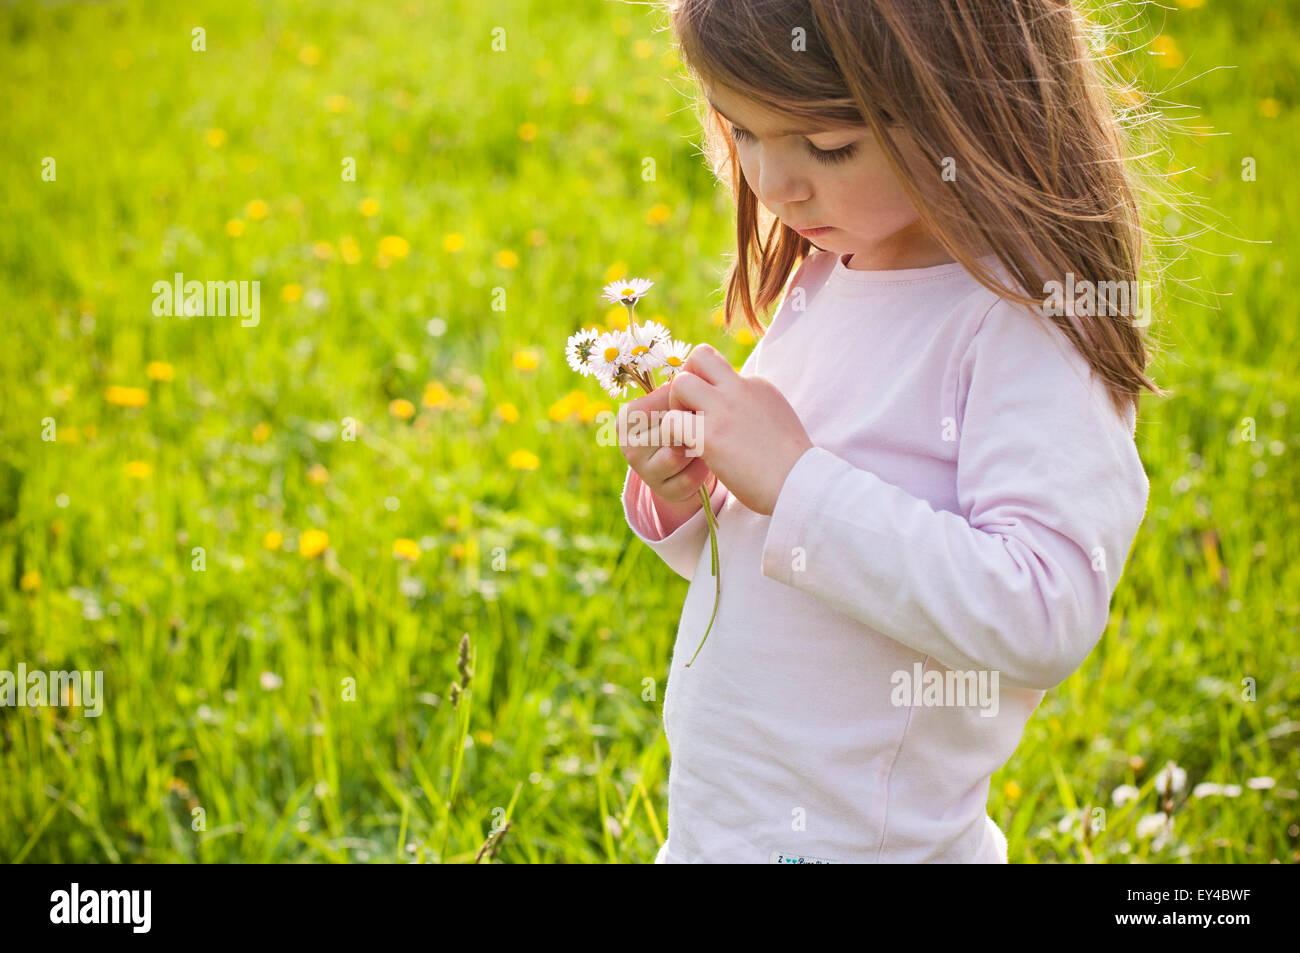 Jeune fille dans la zone Regarder dans ses mains les pâquerettes Photo Stock